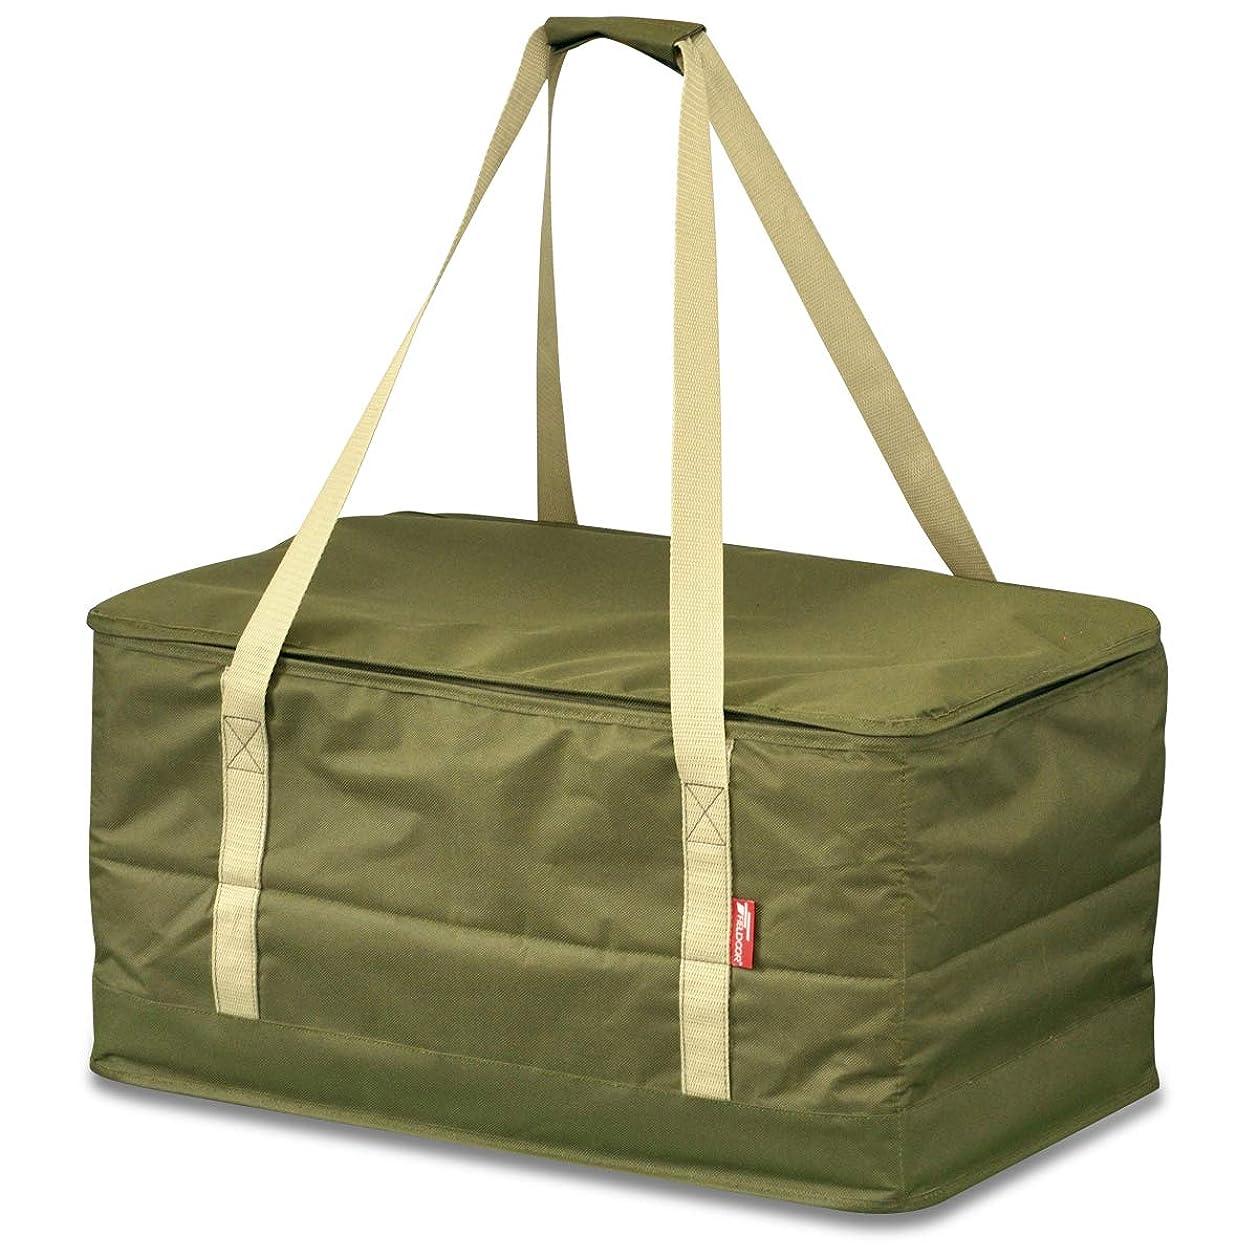 取り出す興奮仕事FIELDOOR マルチツールボックス ペグケース 40cmペグも収納可能 仕切り付 折りたたみ 道具入れ 小物入れ キャンプ用品 ツールバッグ …